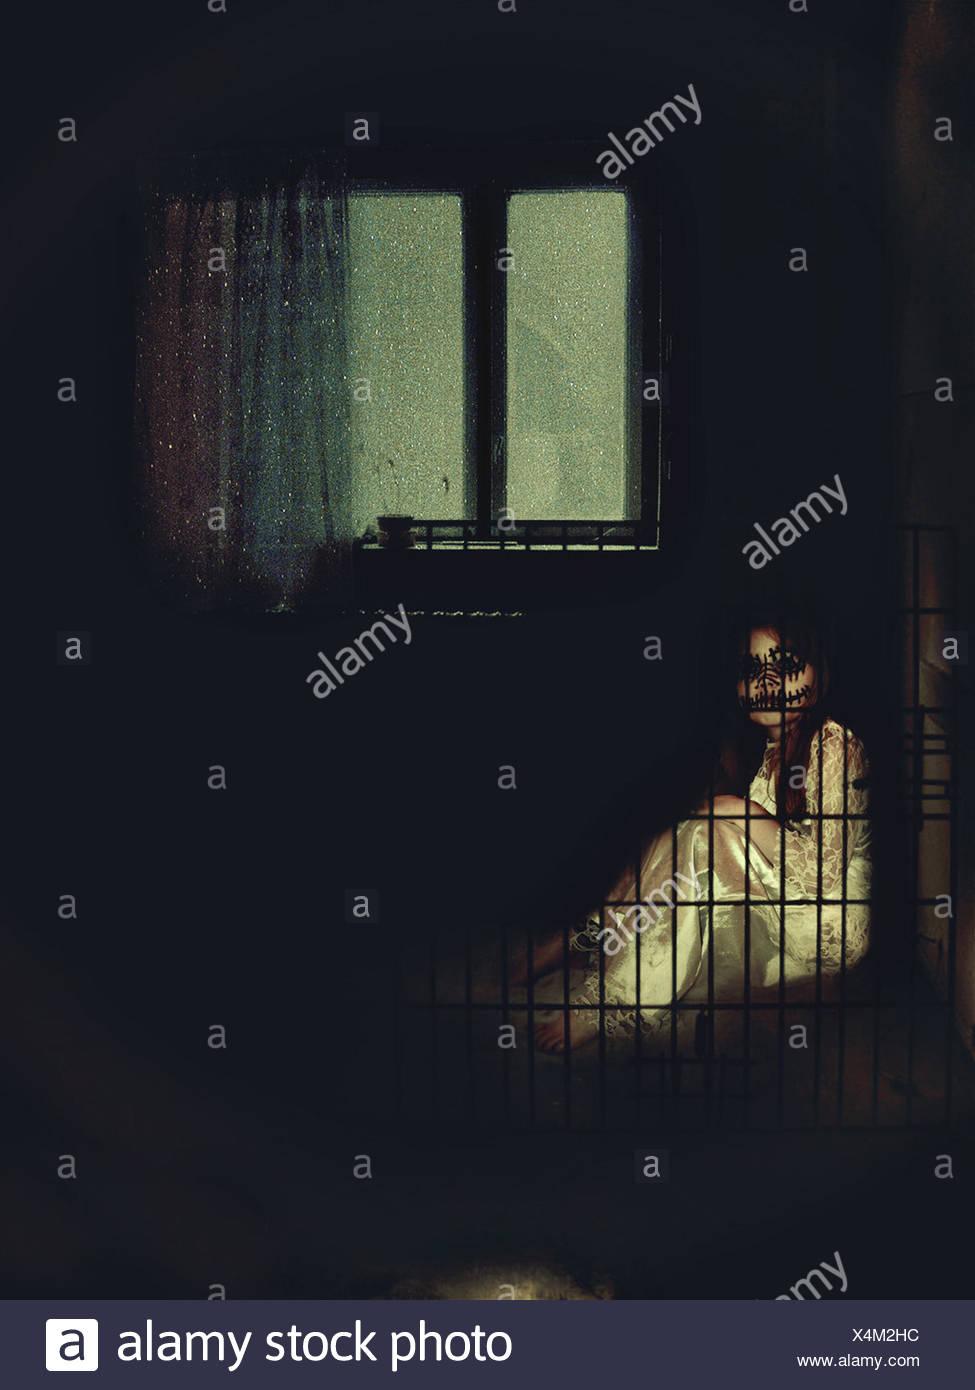 Ausgezeichnet Draht Verstärkte Glasfenster Bilder - Die Besten ...